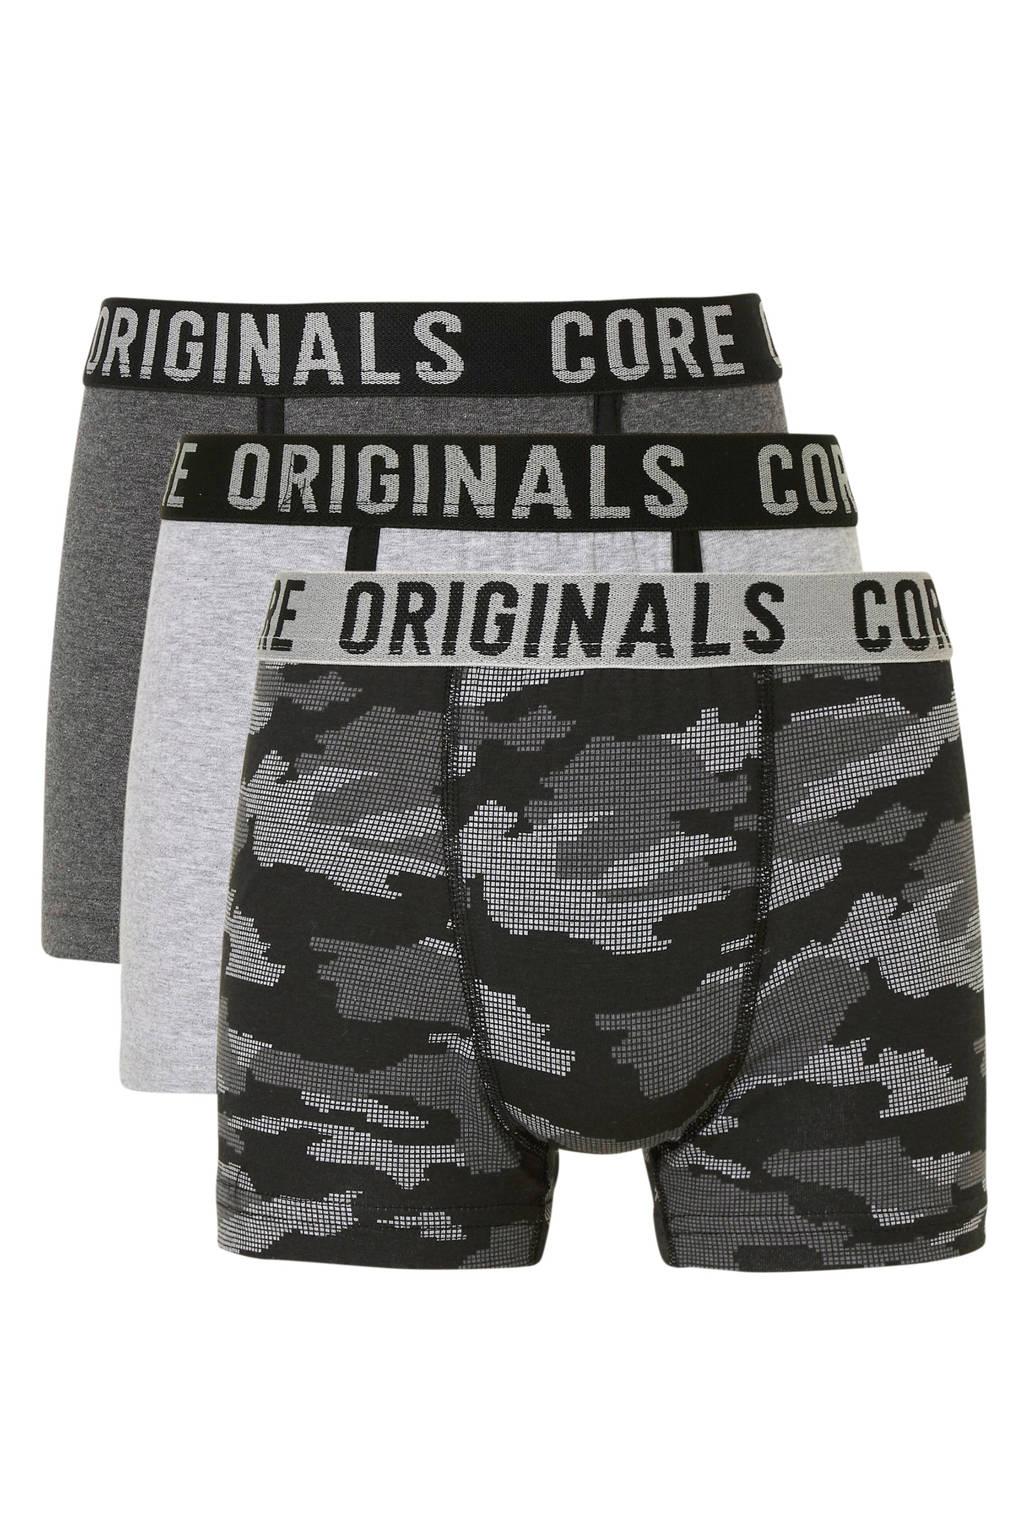 C&A Here & There   boxershorts grijs/zwart - set van 3, Grijs/zwart